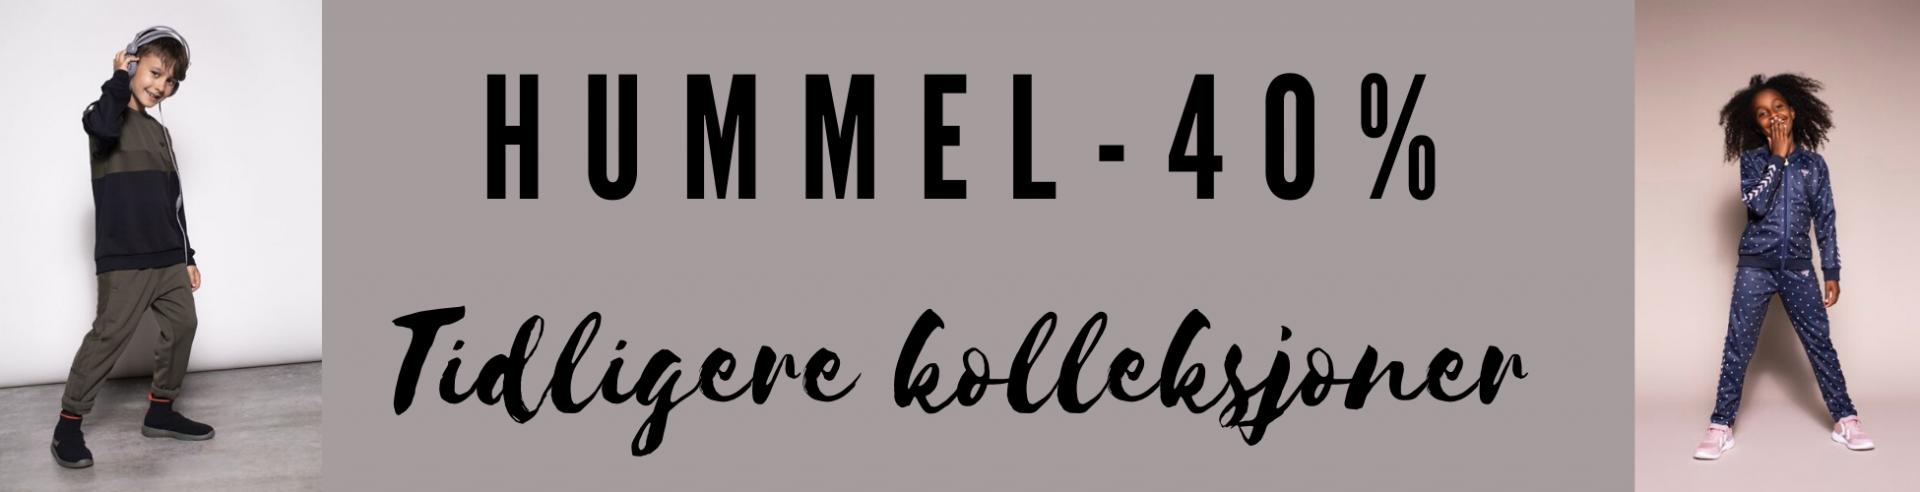 Hummel -40%